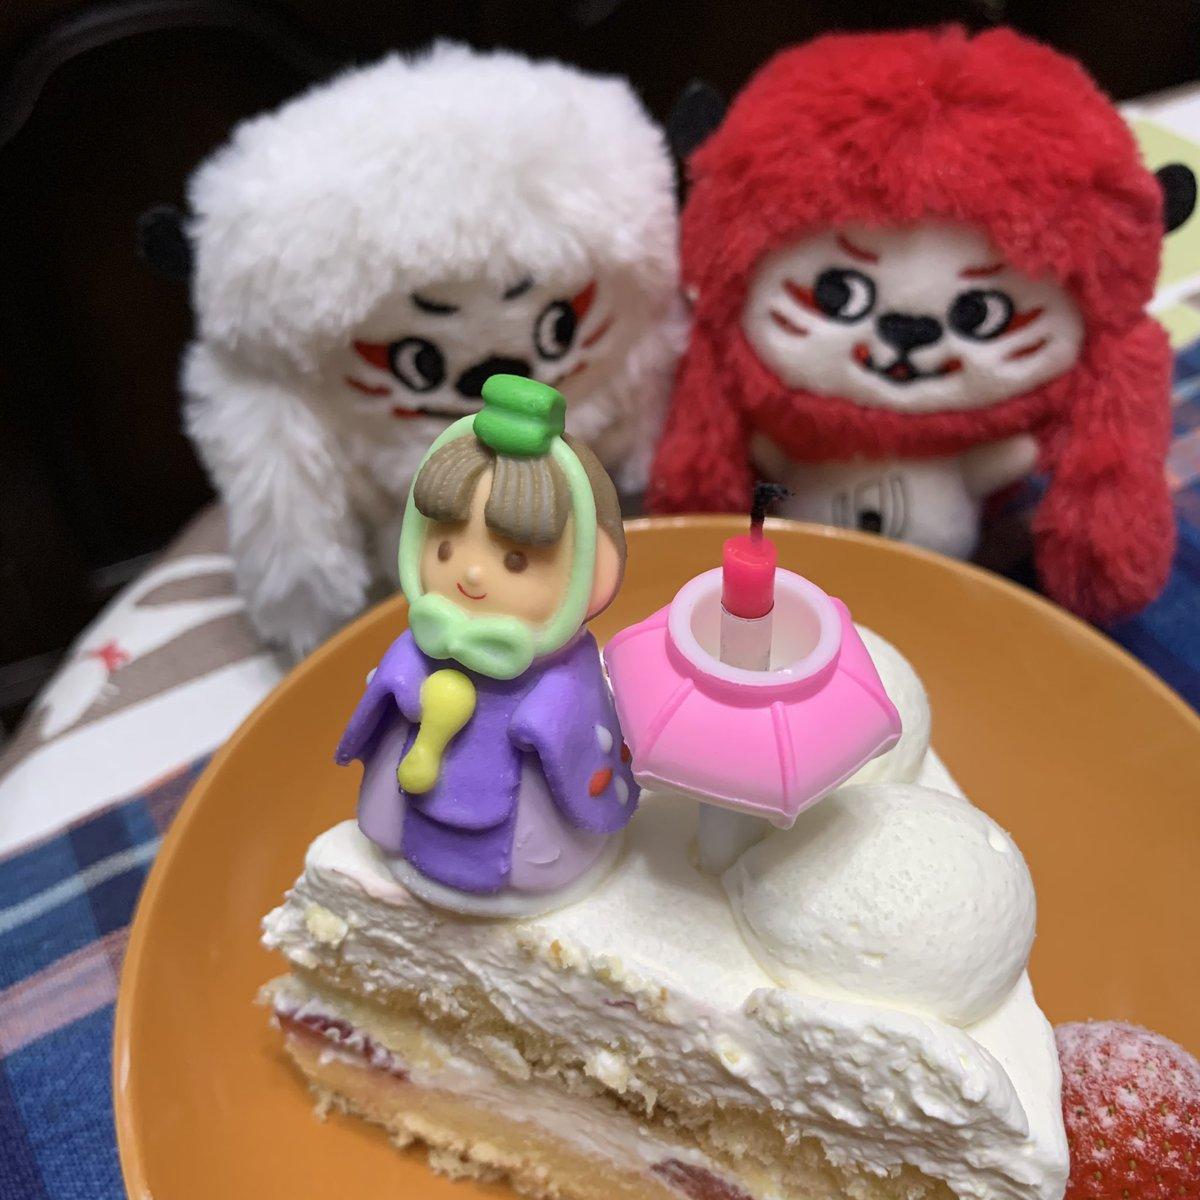 test ツイッターメディア - ⚪今日はひな祭りですが、虎家は母君のお誕生日でござる 🔴おかしゃん、おめでとう~ケーキ~ 🐯ふふふ…イケメン食べるわよ(`✧∀✧´)キラーン! #レンジー https://t.co/dMWEKOO9OW